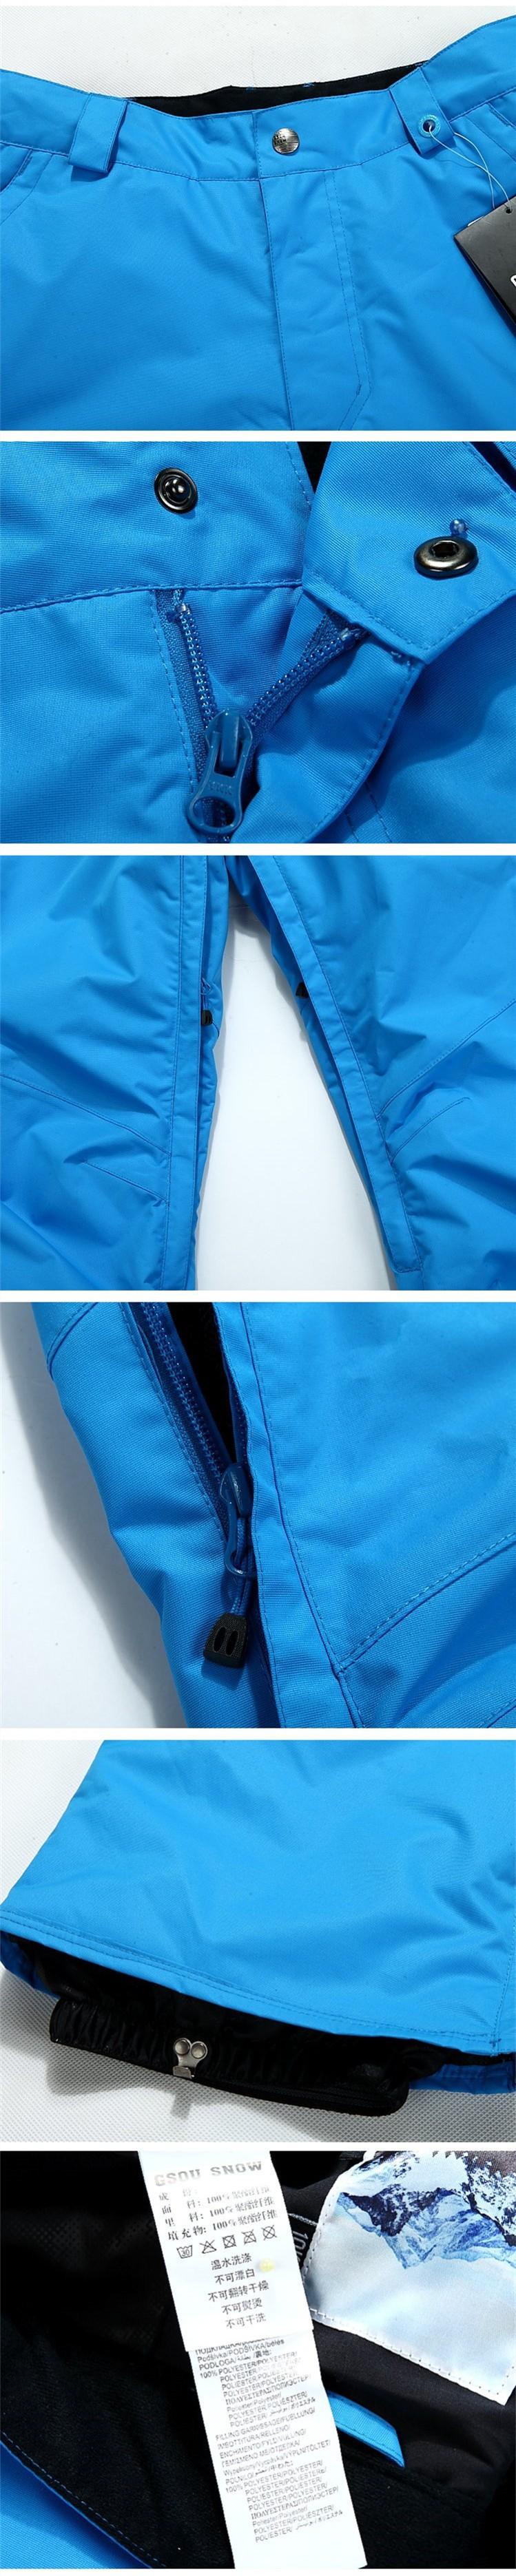 Зимние мужские горнолыжные брюки Gsou Snow, мужские спортивные красивые разноцветные синие оранжевые красные коричневые черные желтые зеленые салатовые лыжные брюки фото